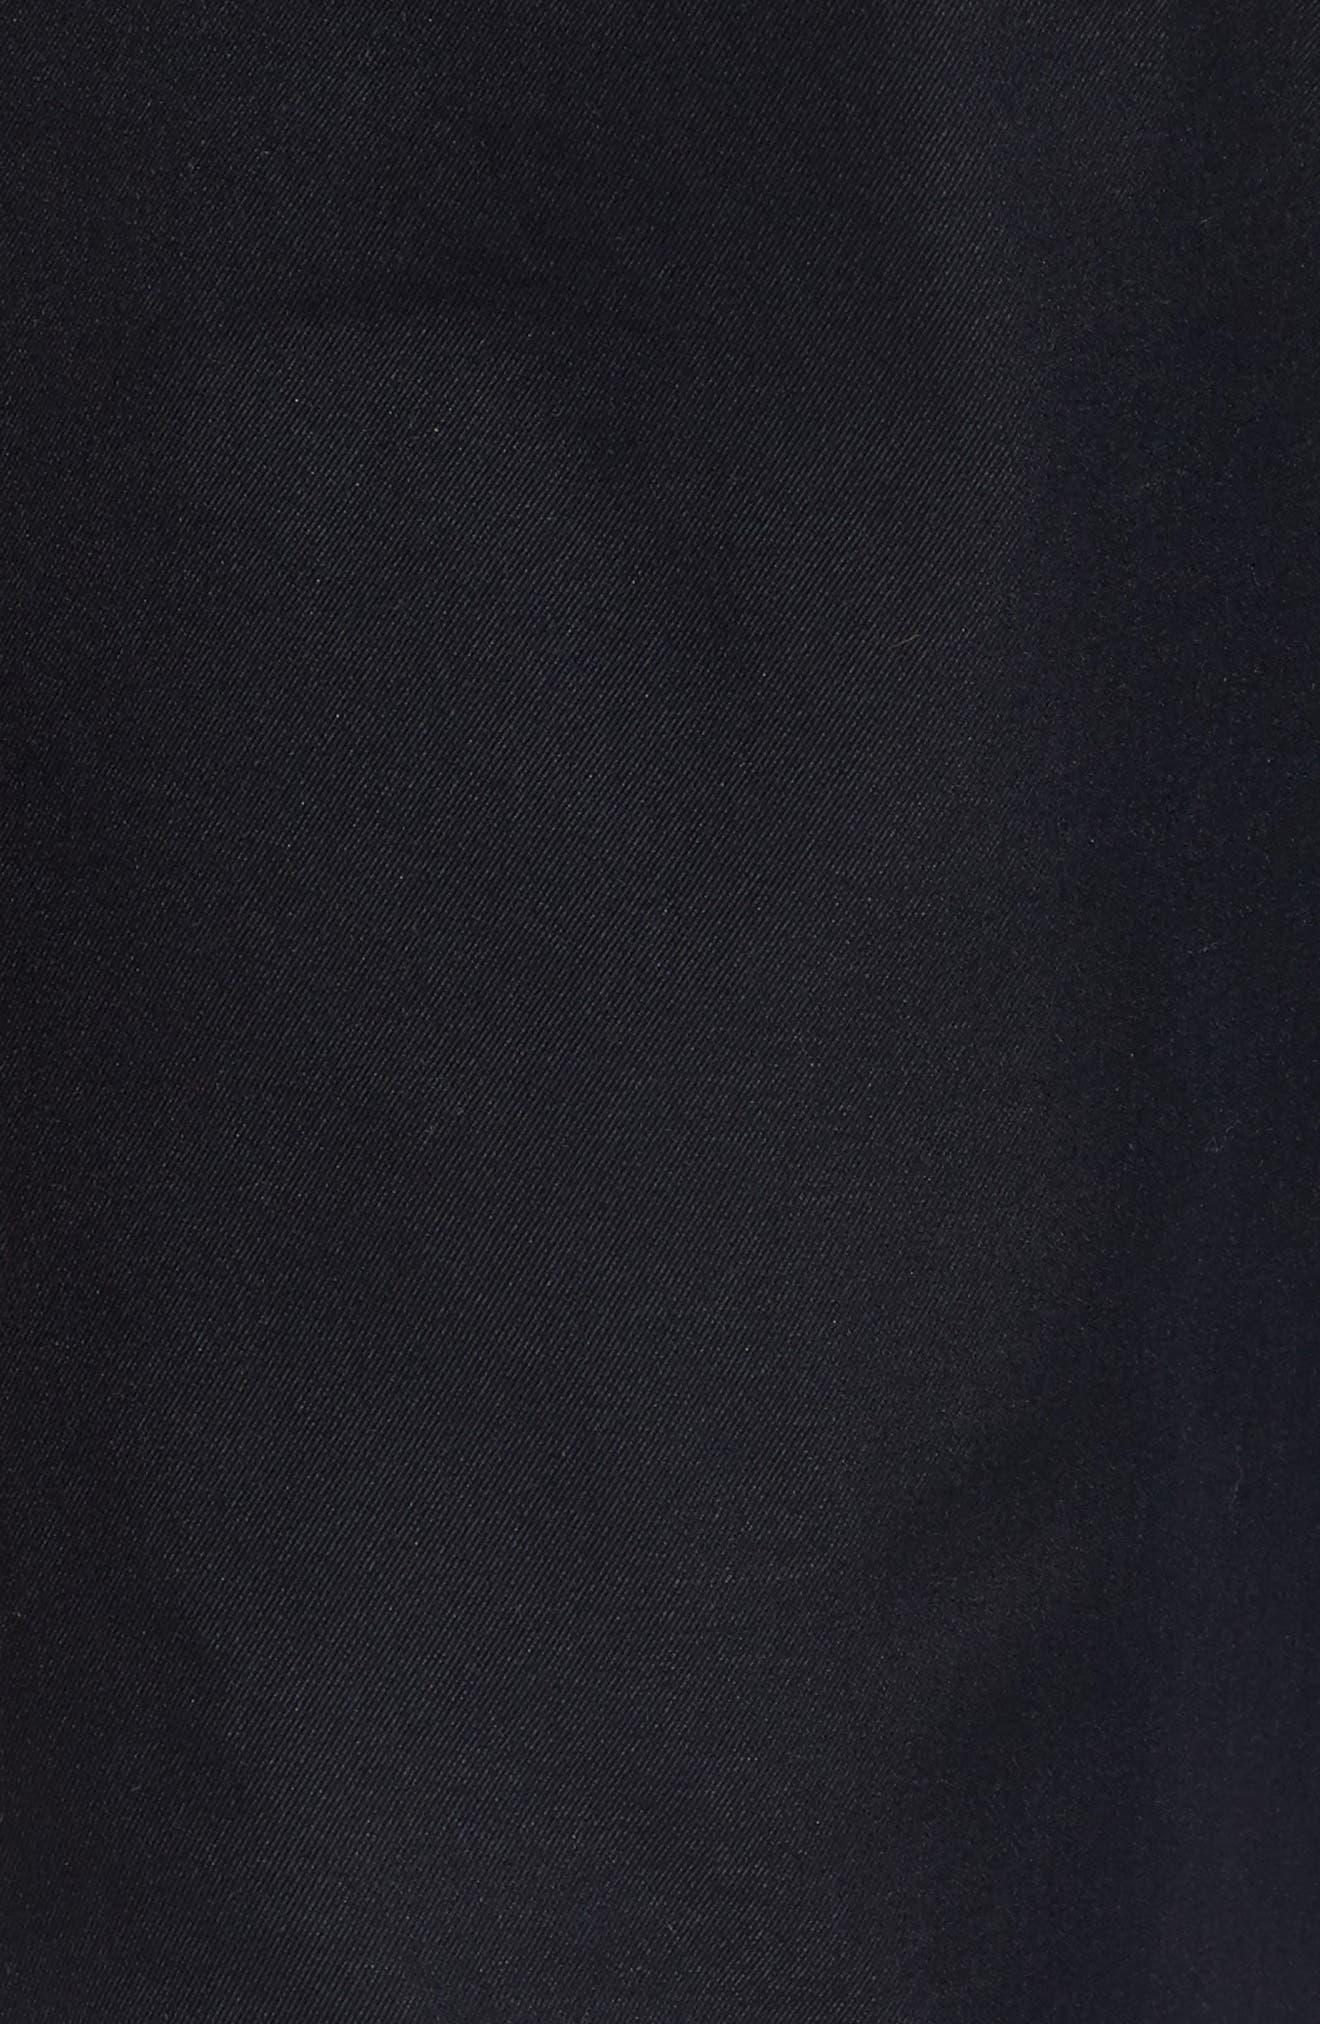 EB66 Performance Six-Pocket Pants,                             Alternate thumbnail 5, color,                             Black